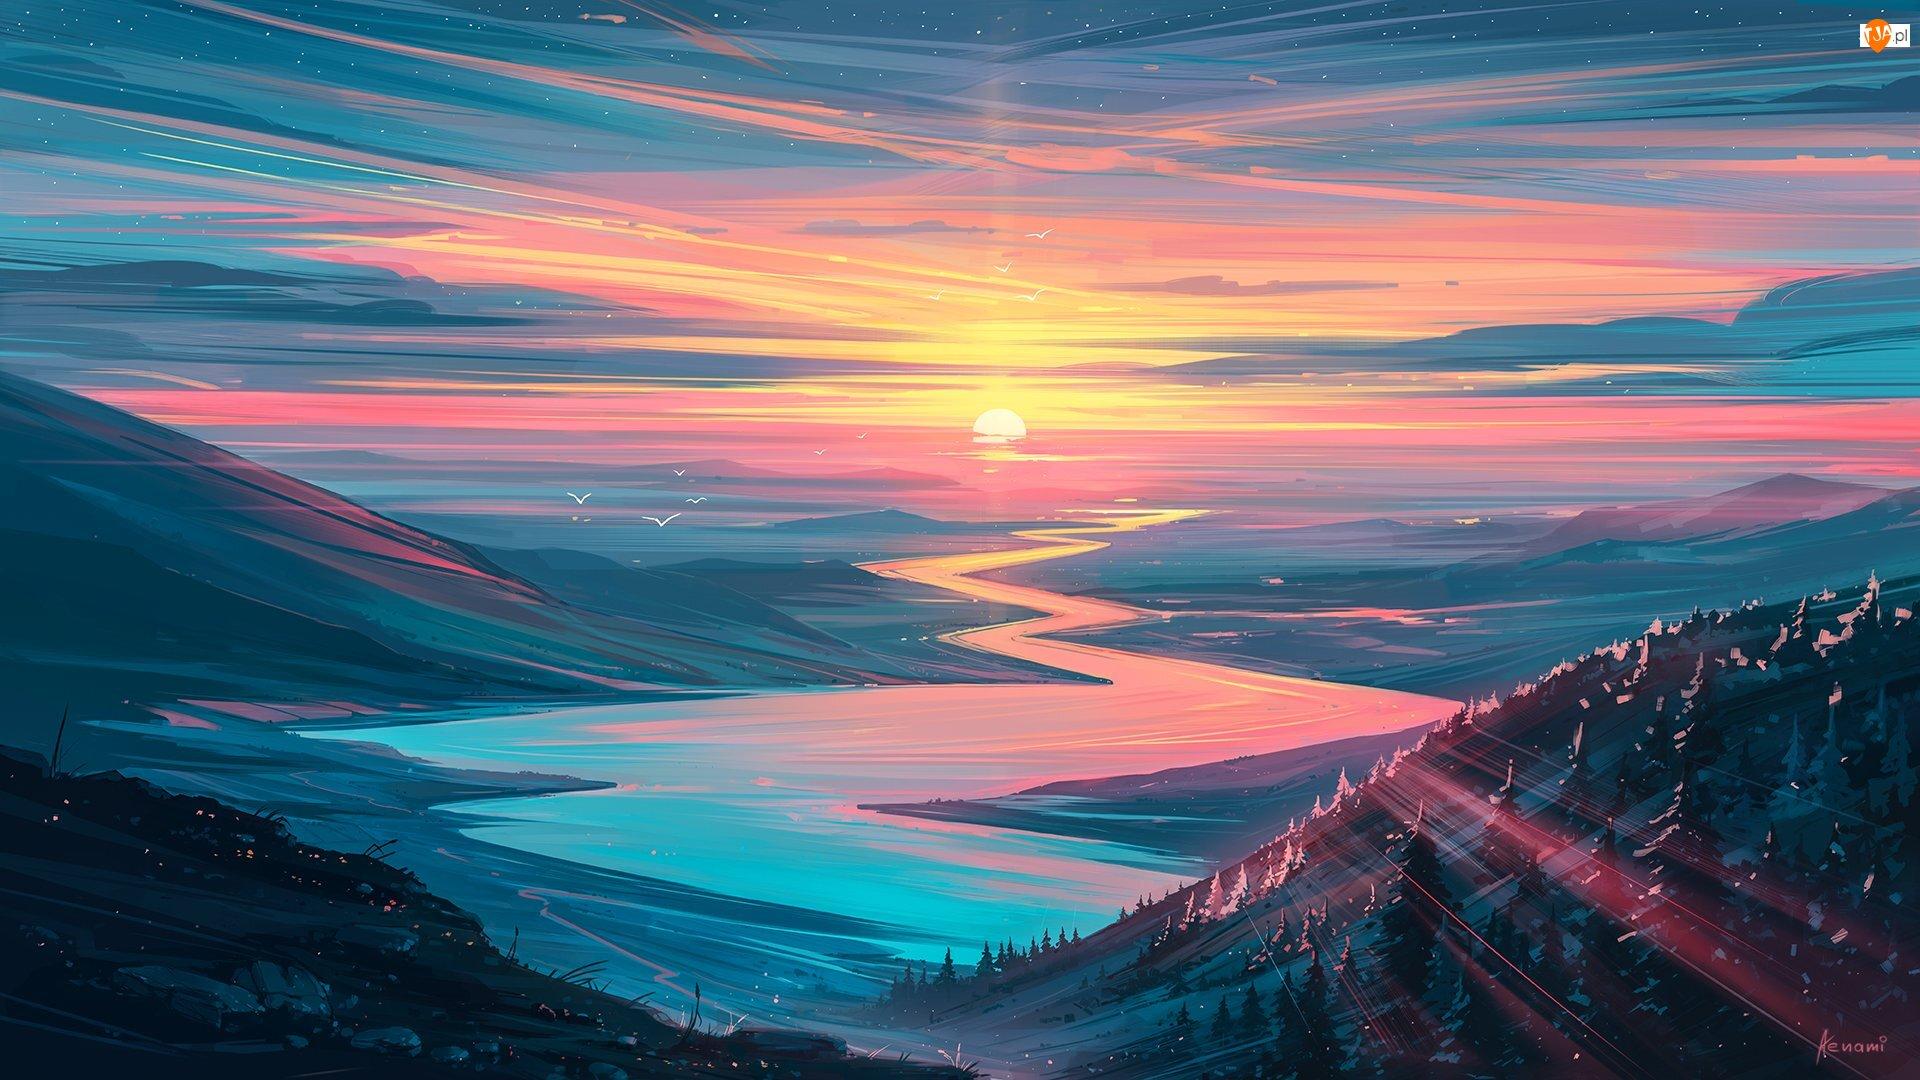 Rzeka, Grafika, Kręta, Wschód słońca, Góry